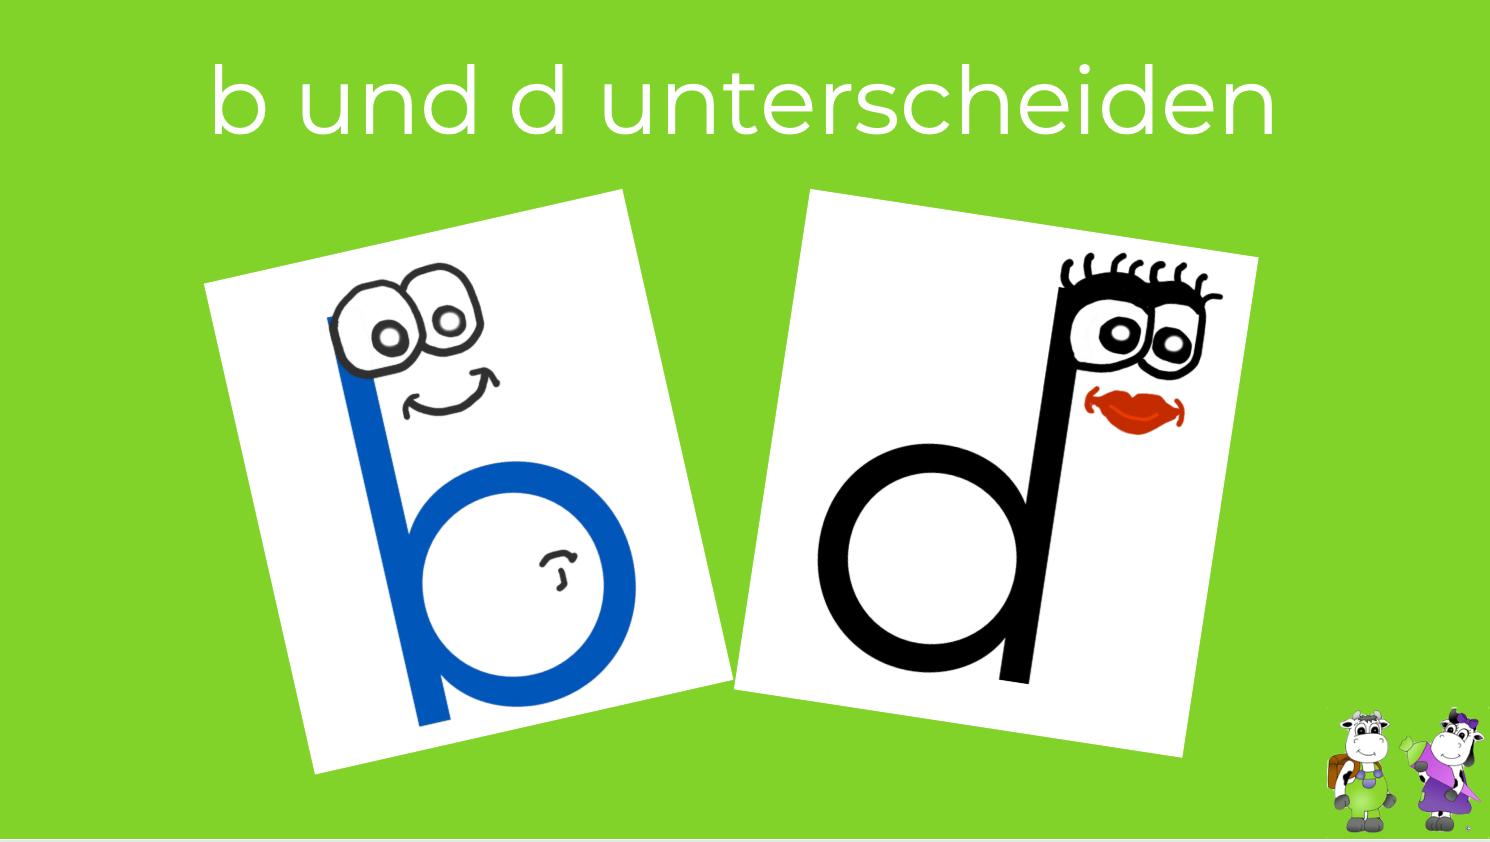 b und d unterscheiden